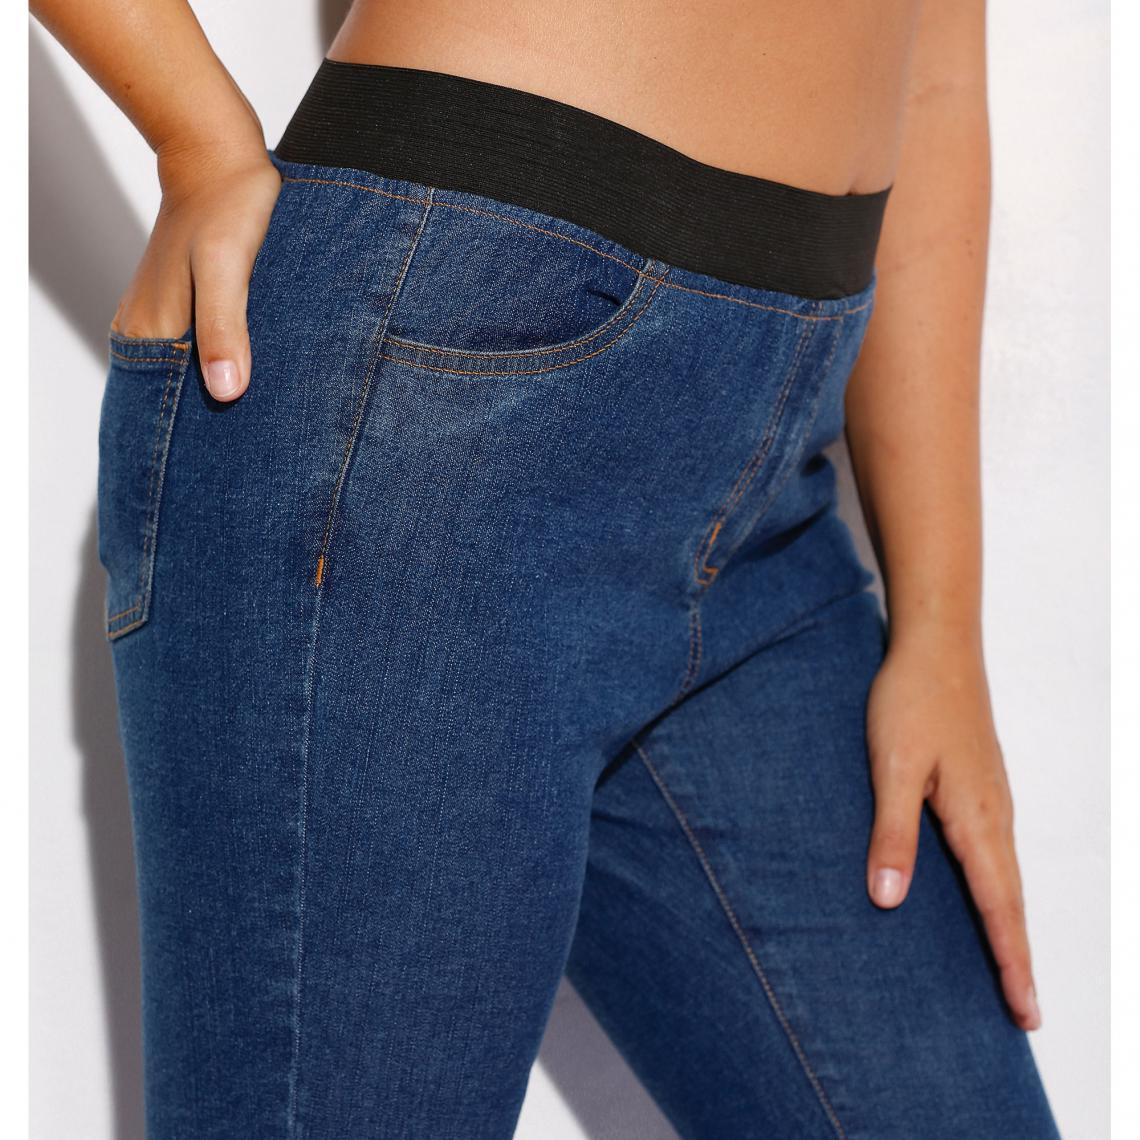 c3913ec9338 Jean taille élastique plane grandes tailles femme - bleu foncé 3 SUISSES